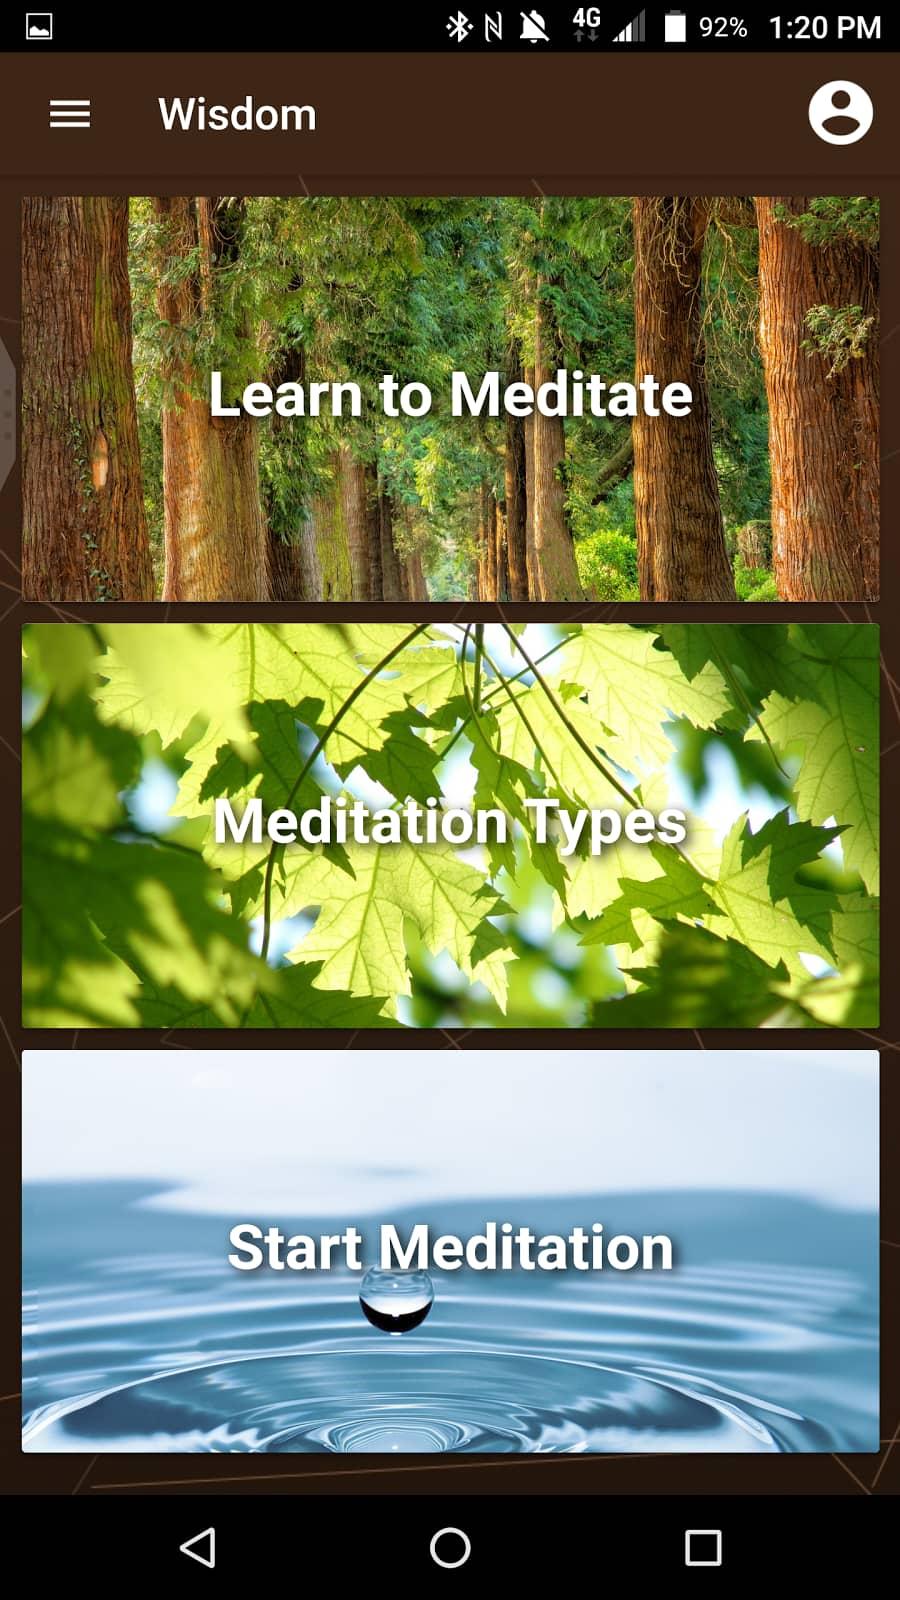 wisdom app 2